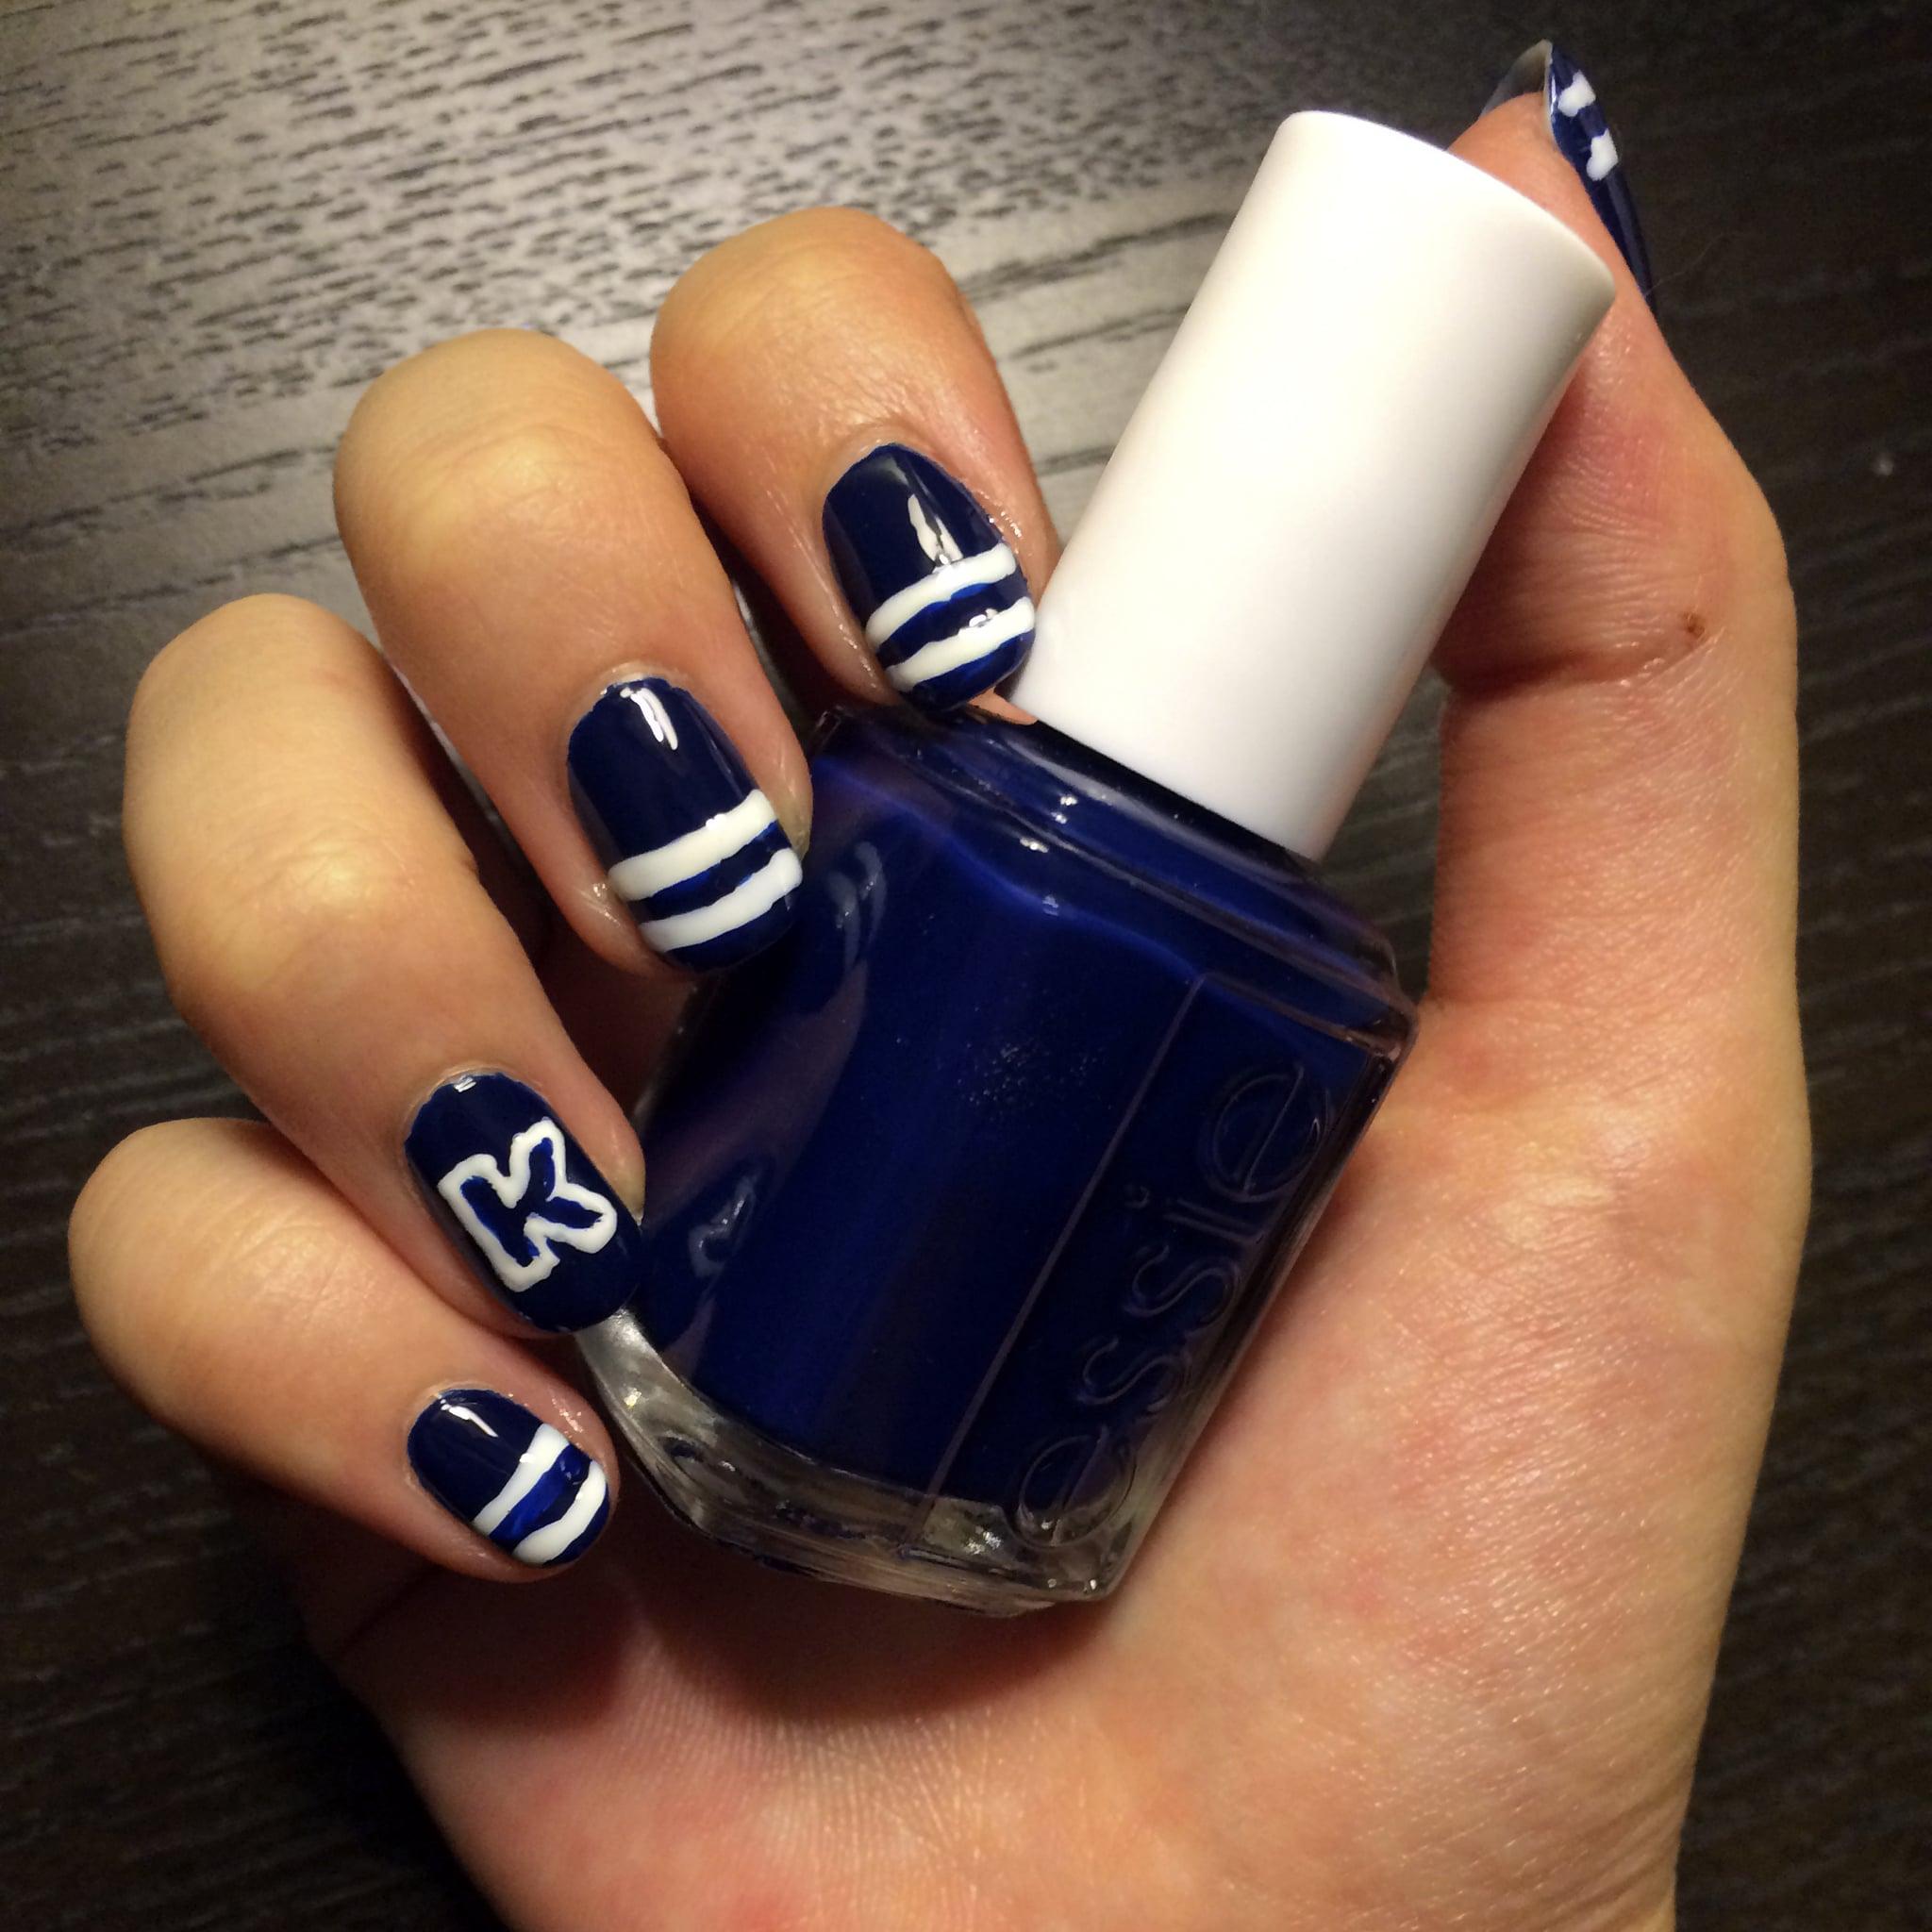 Varsity-Letter Nail-Art Design | POPSUGAR Beauty